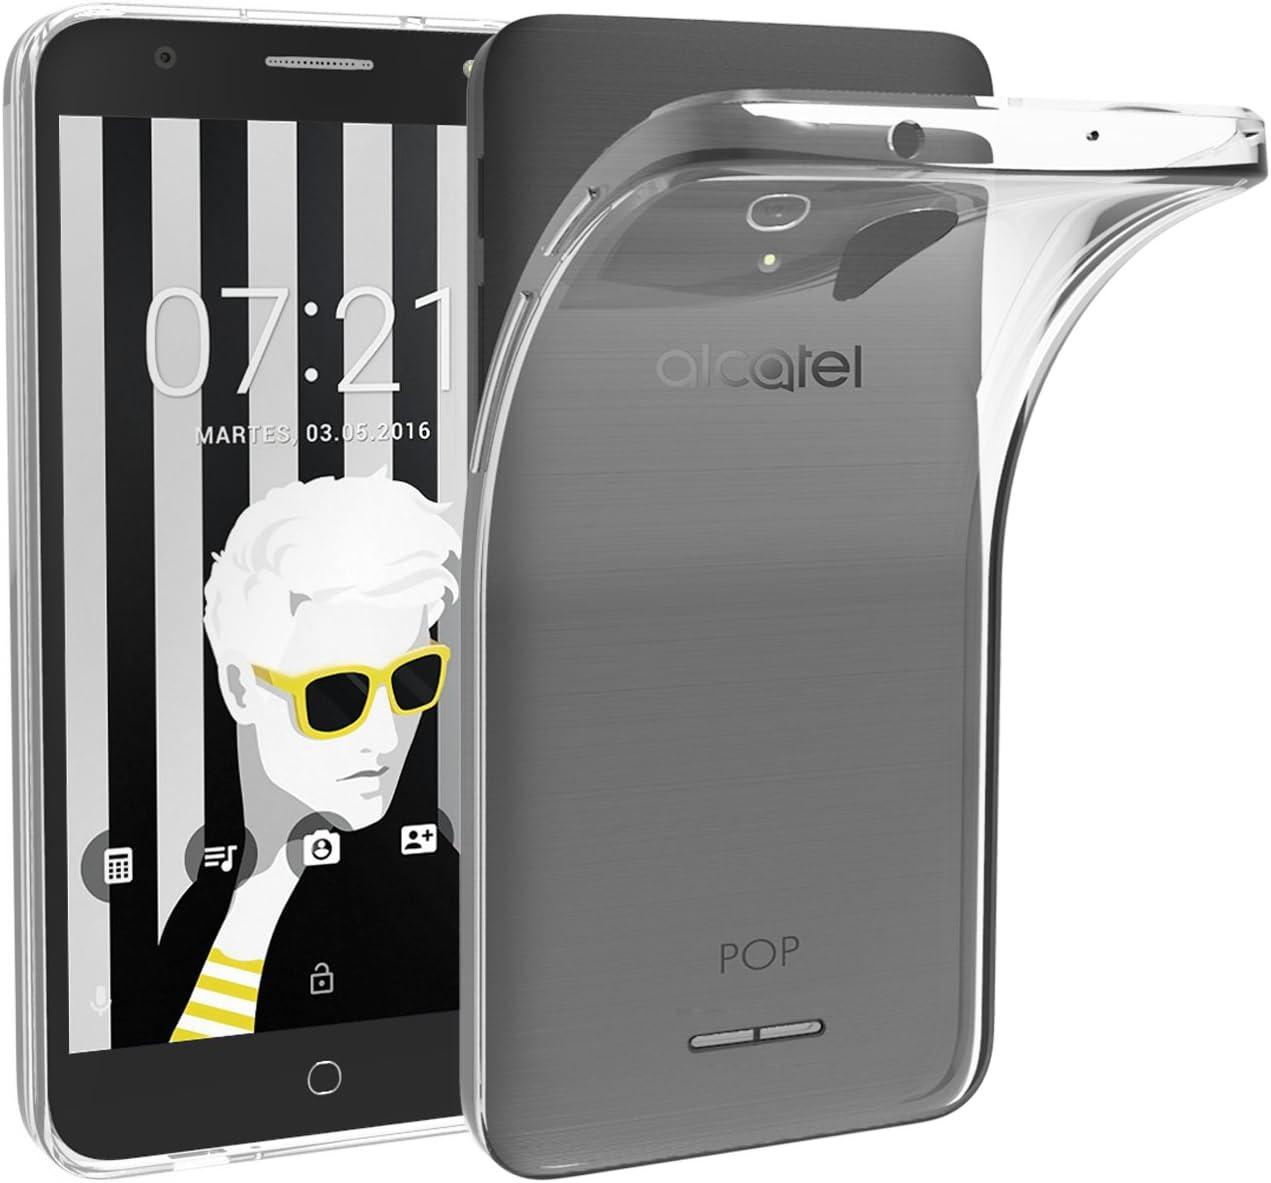 ivoler Funda Carcasa Gel Transparente para Alcatel Pop 4 Plus 5.5 Pulgadas, Ultra Fina 0,33mm, Silicona TPU de Alta Resistencia y Flexibilidad: Amazon.es: Electrónica